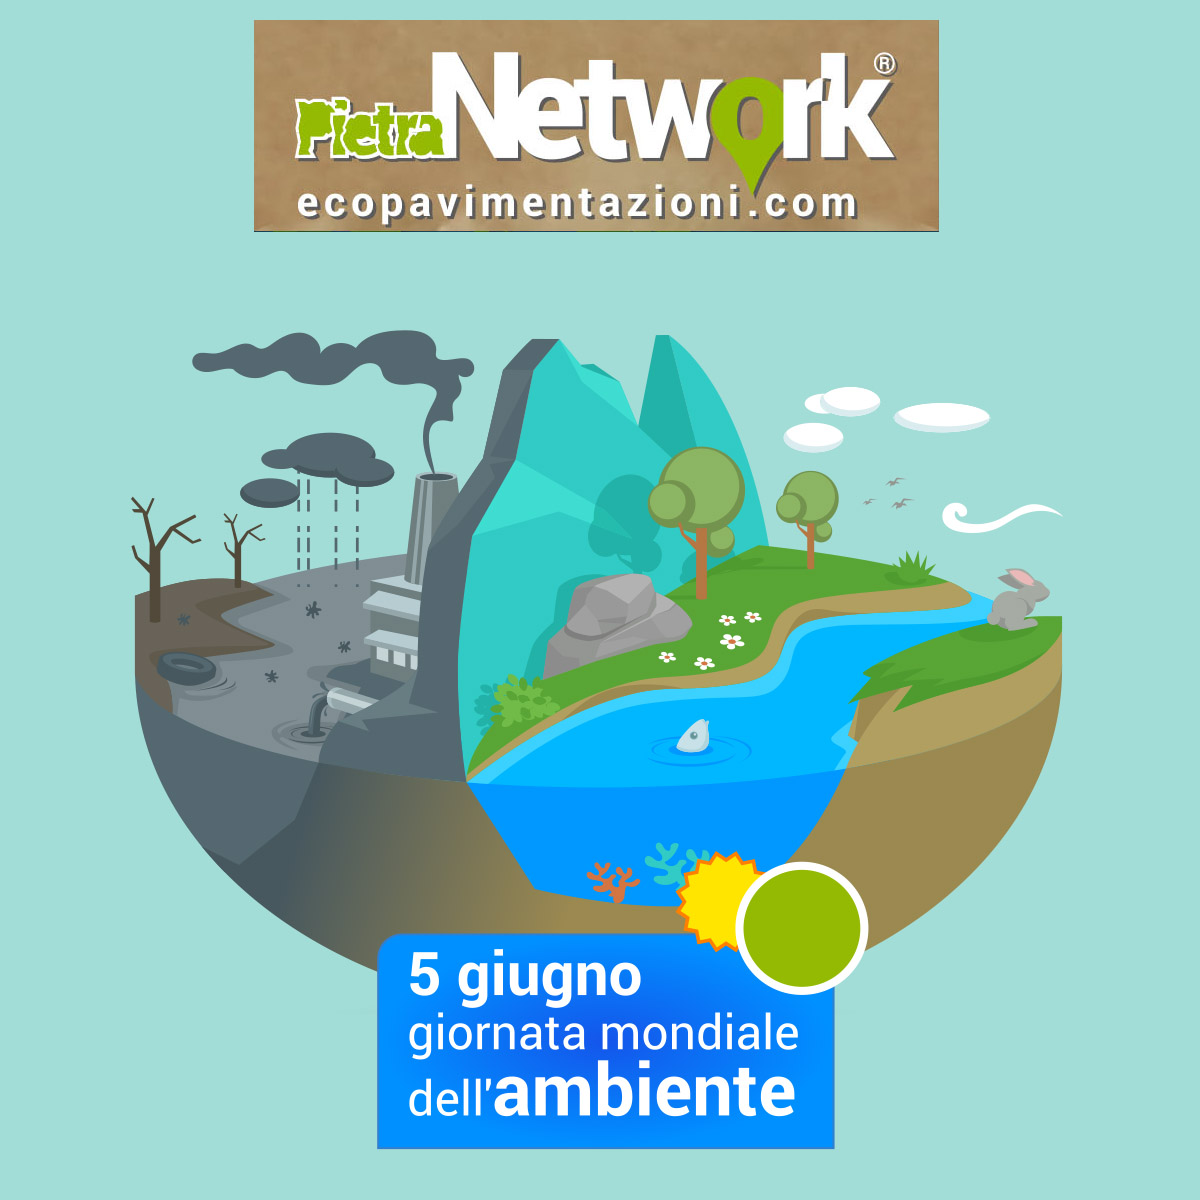 5 giugno giornata mondiale ambiente, pavimentazioni esterne eco